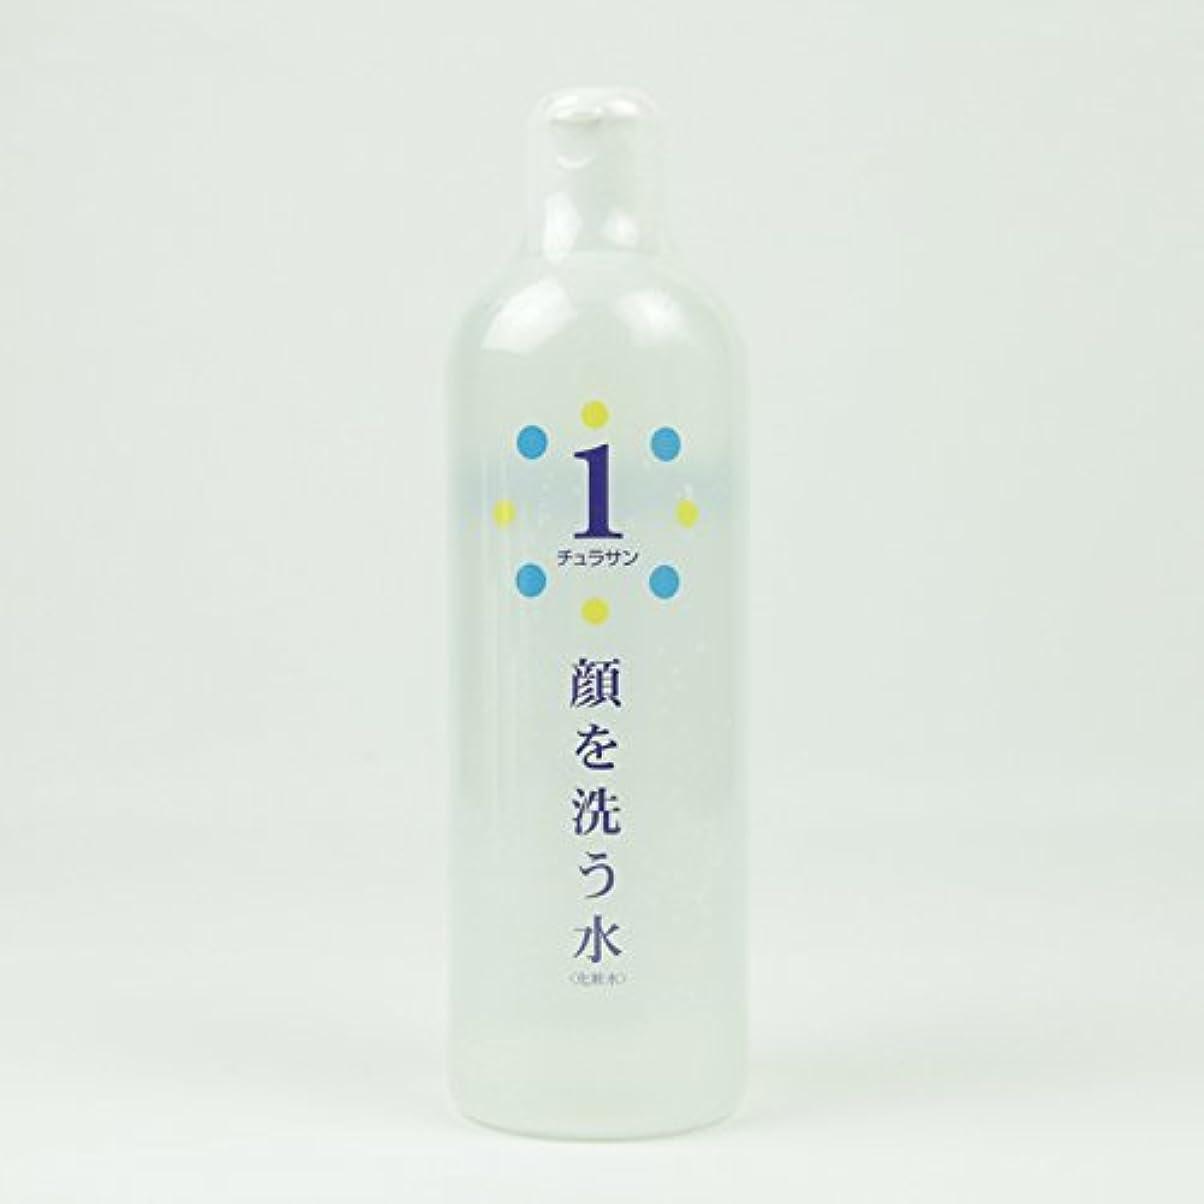 妥協何十人も干渉チュラサン1 【顔を洗う水】 500ml